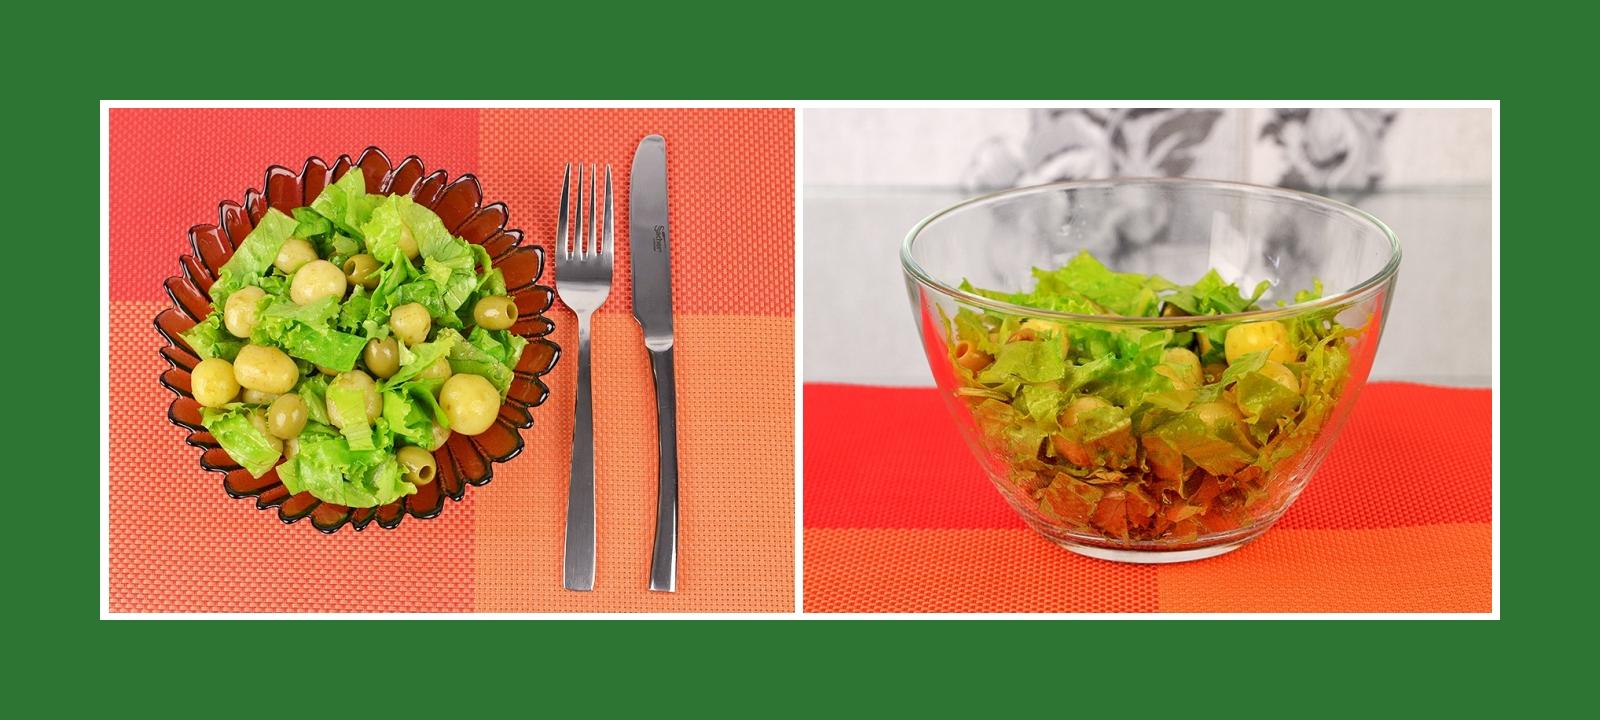 Erfrischender Salat aus Kartoffeln, Gartenssalat und grünen Oliven